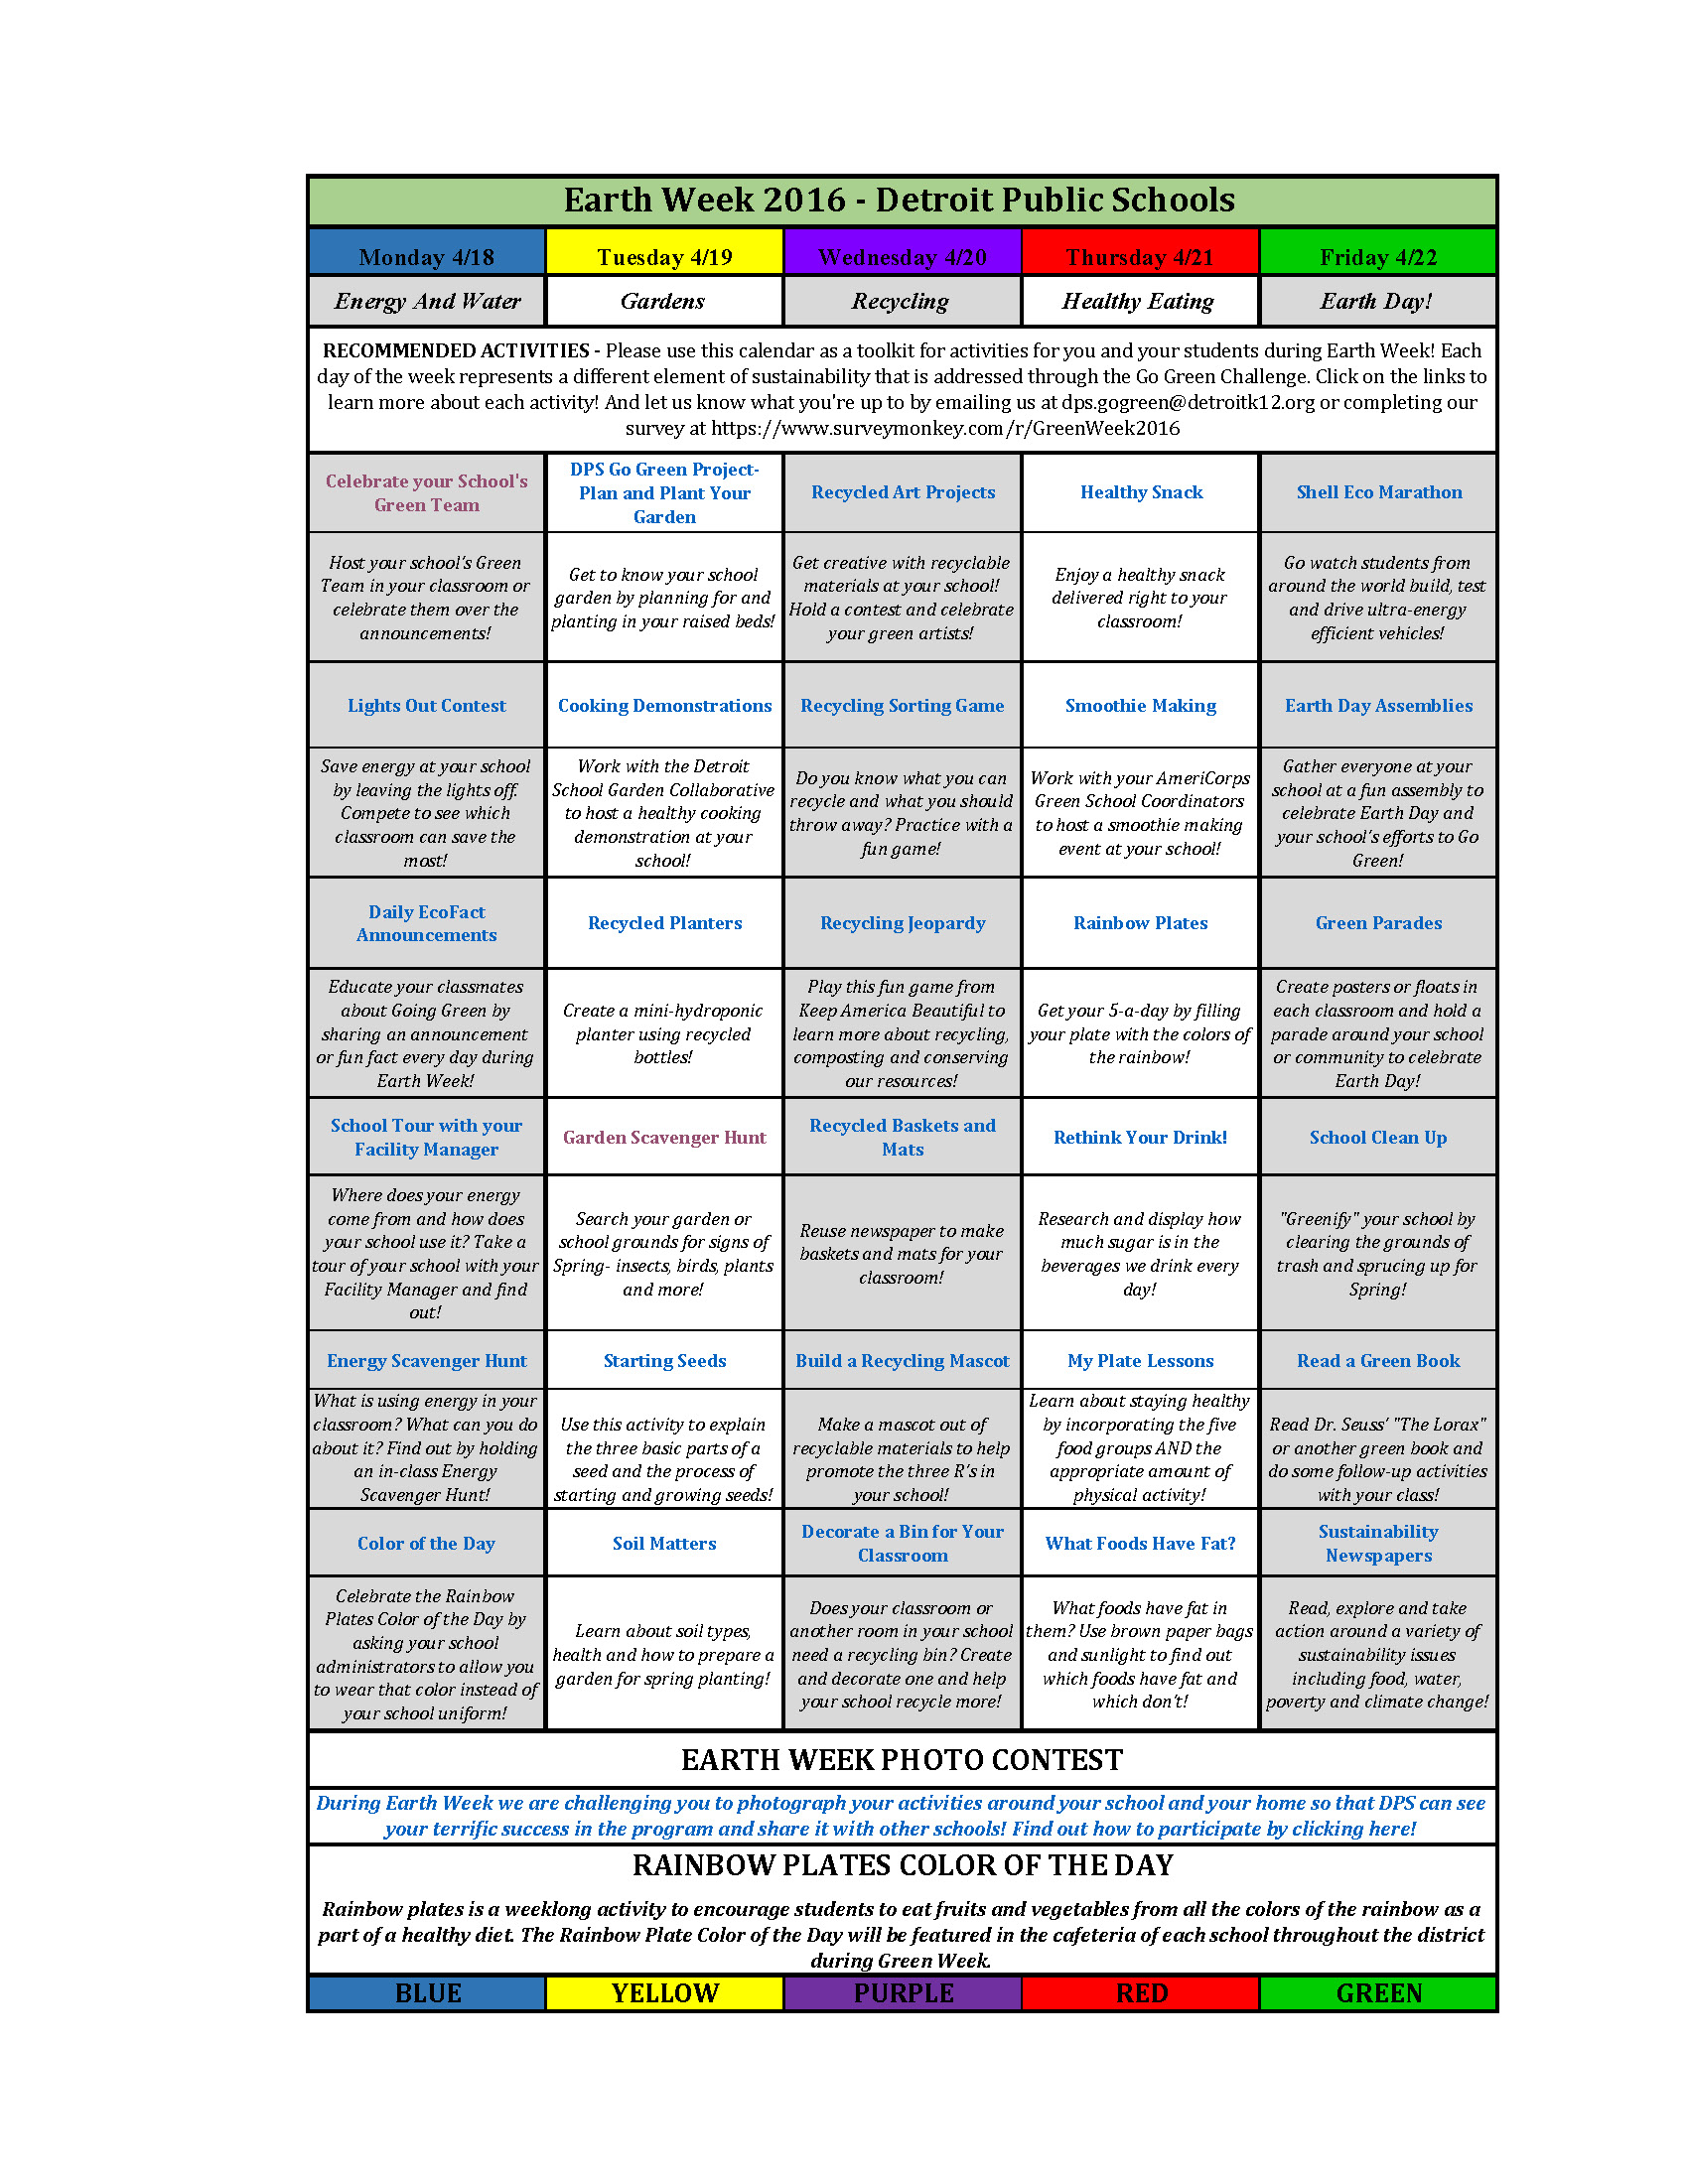 Dps Calendar.Dpscd Green Week Activities Detroit Public Schools Go Green Challenge